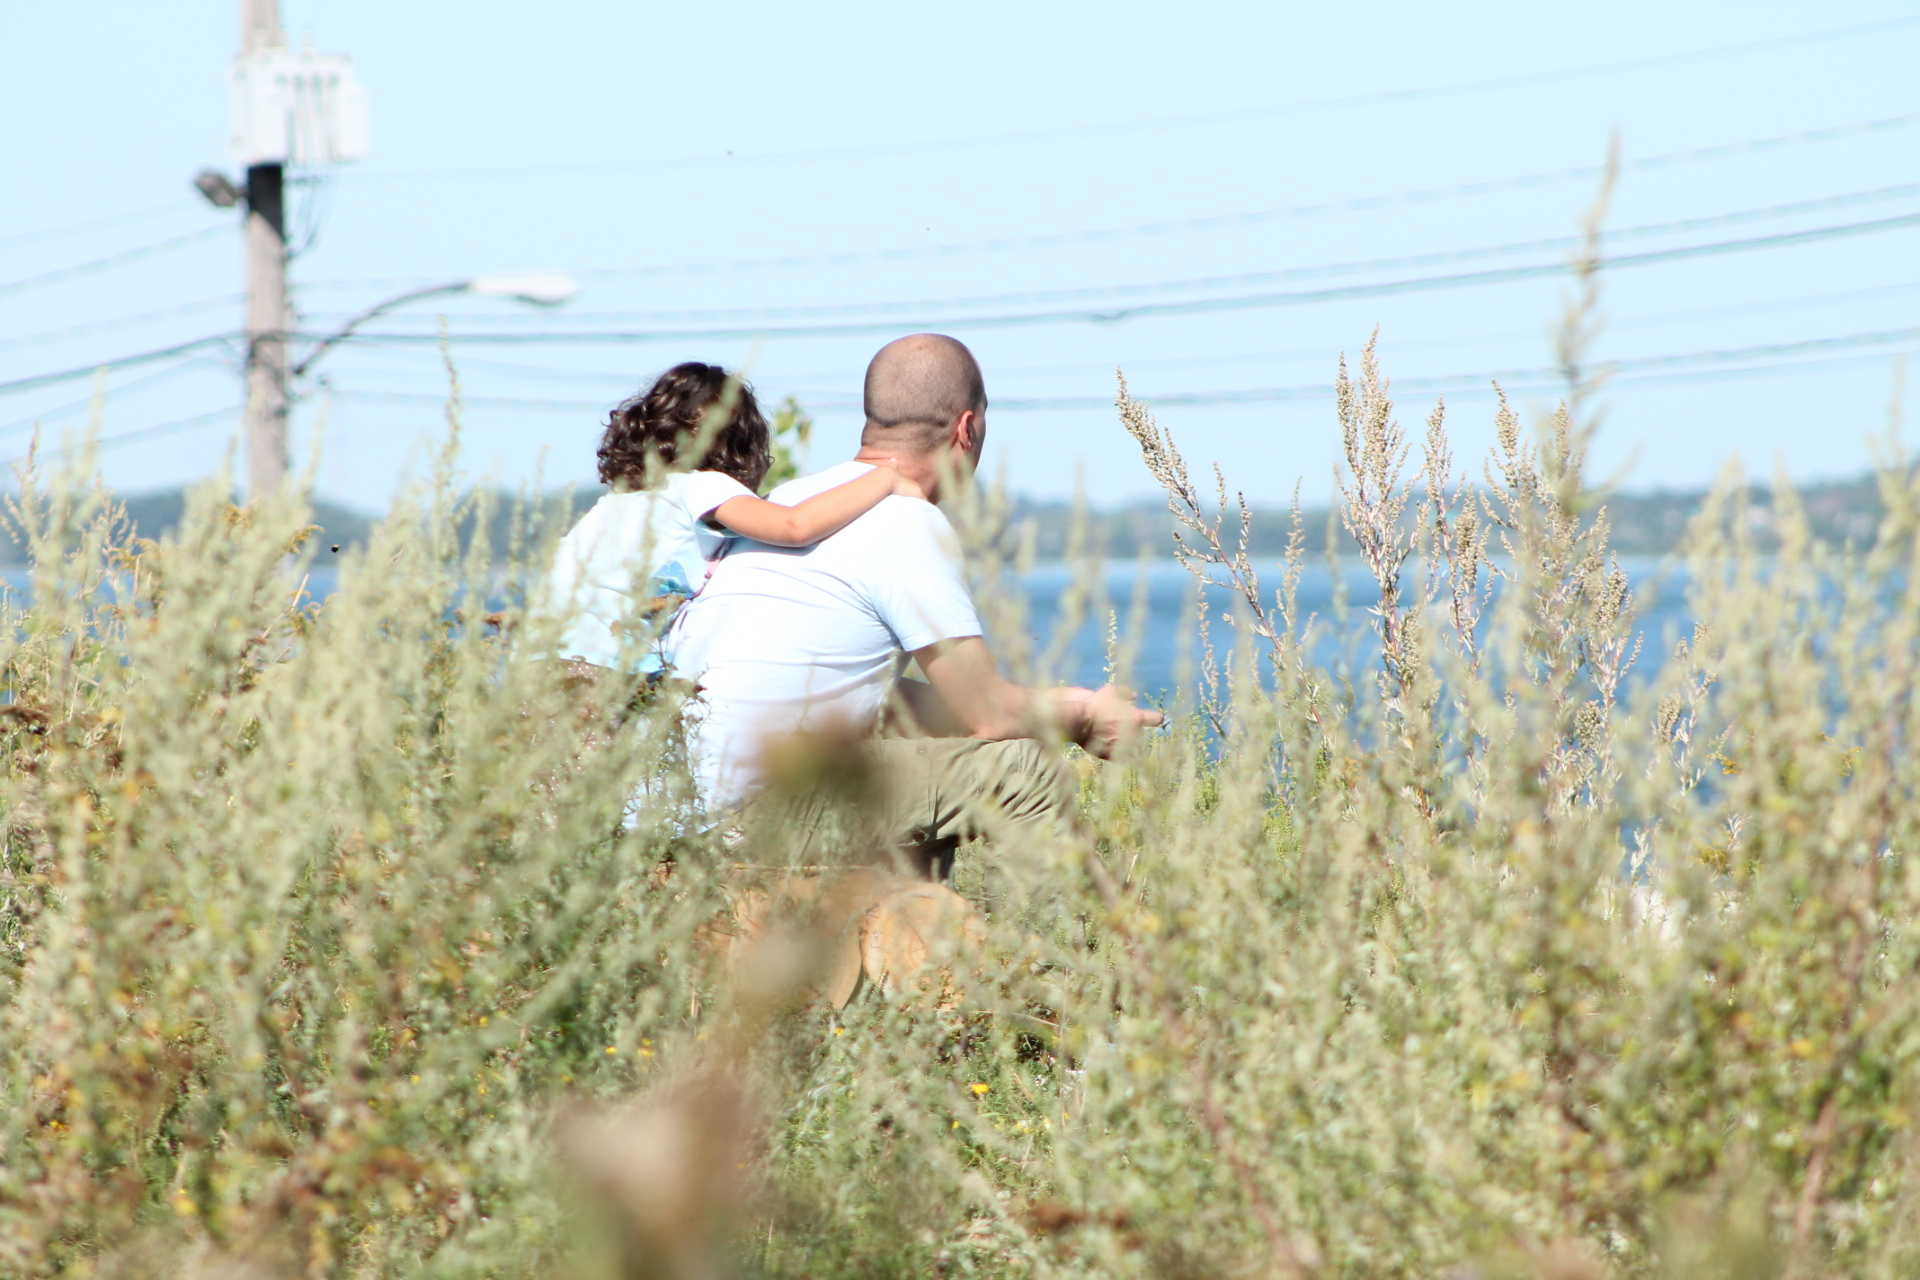 Pere et fille en contemplation_EIM 2018 ccEL